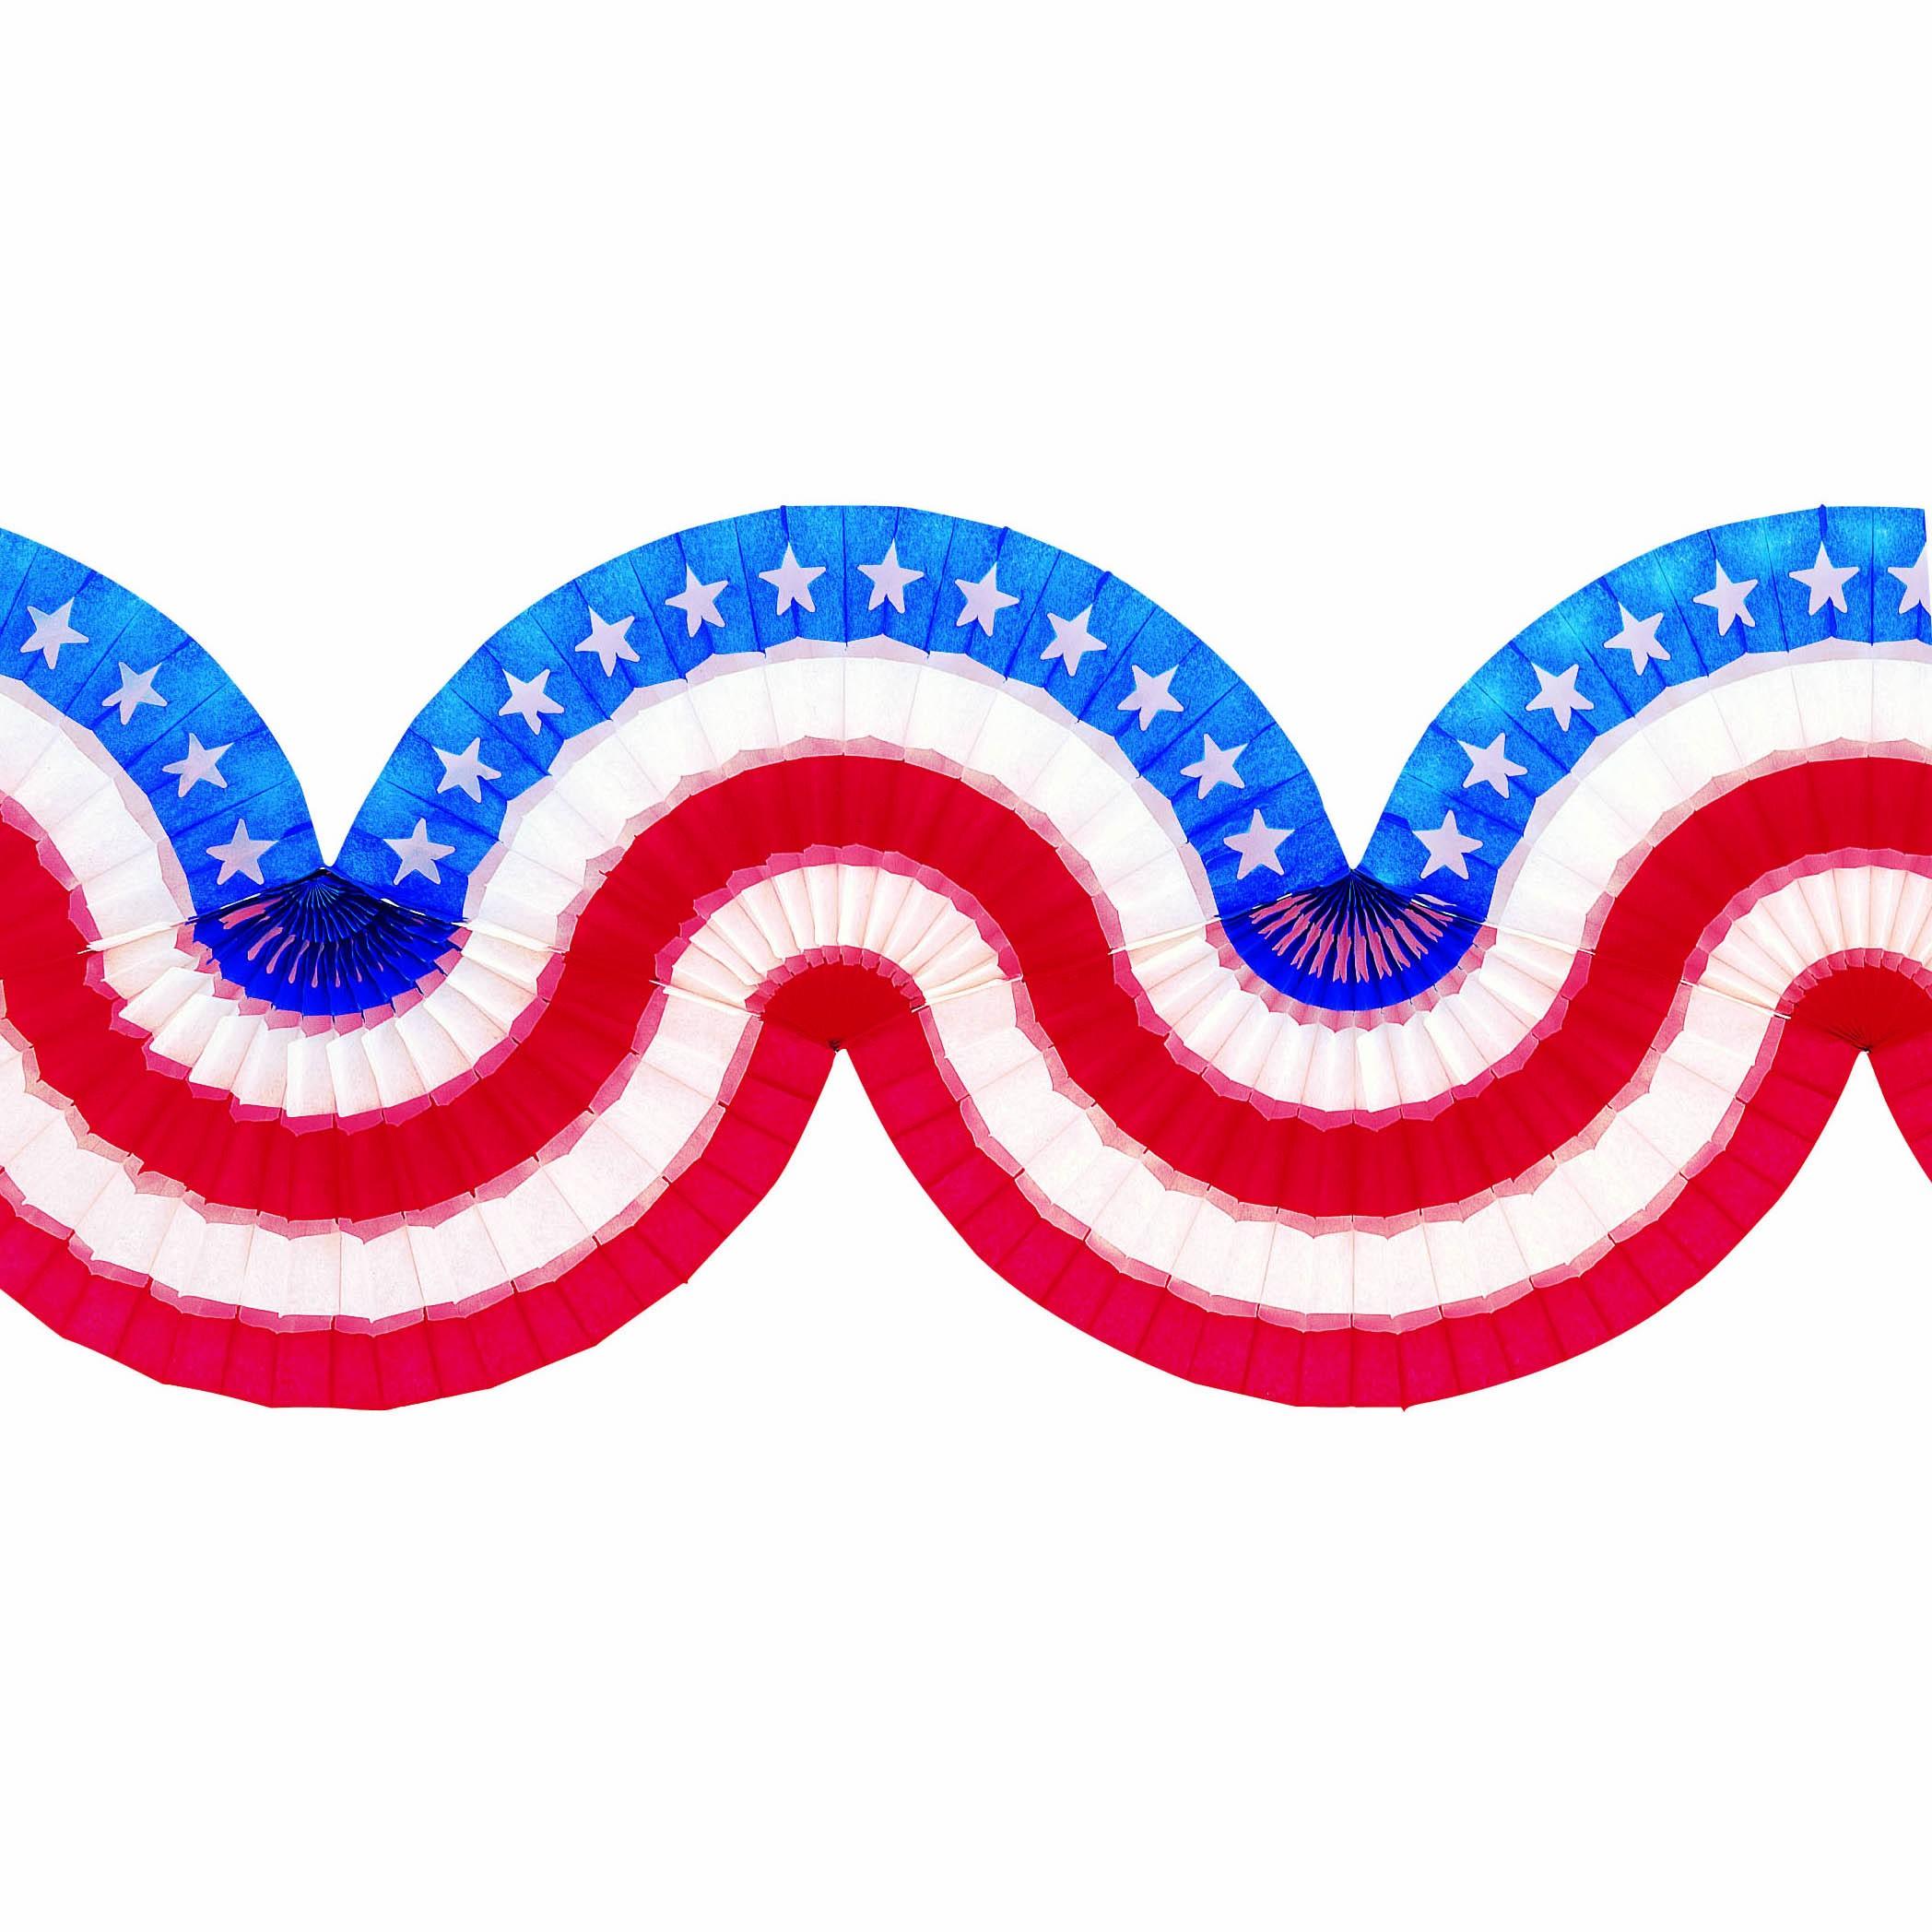 Patriotic Stars Clip Art - Cliparts.co (2096 x 2096 Pixel)